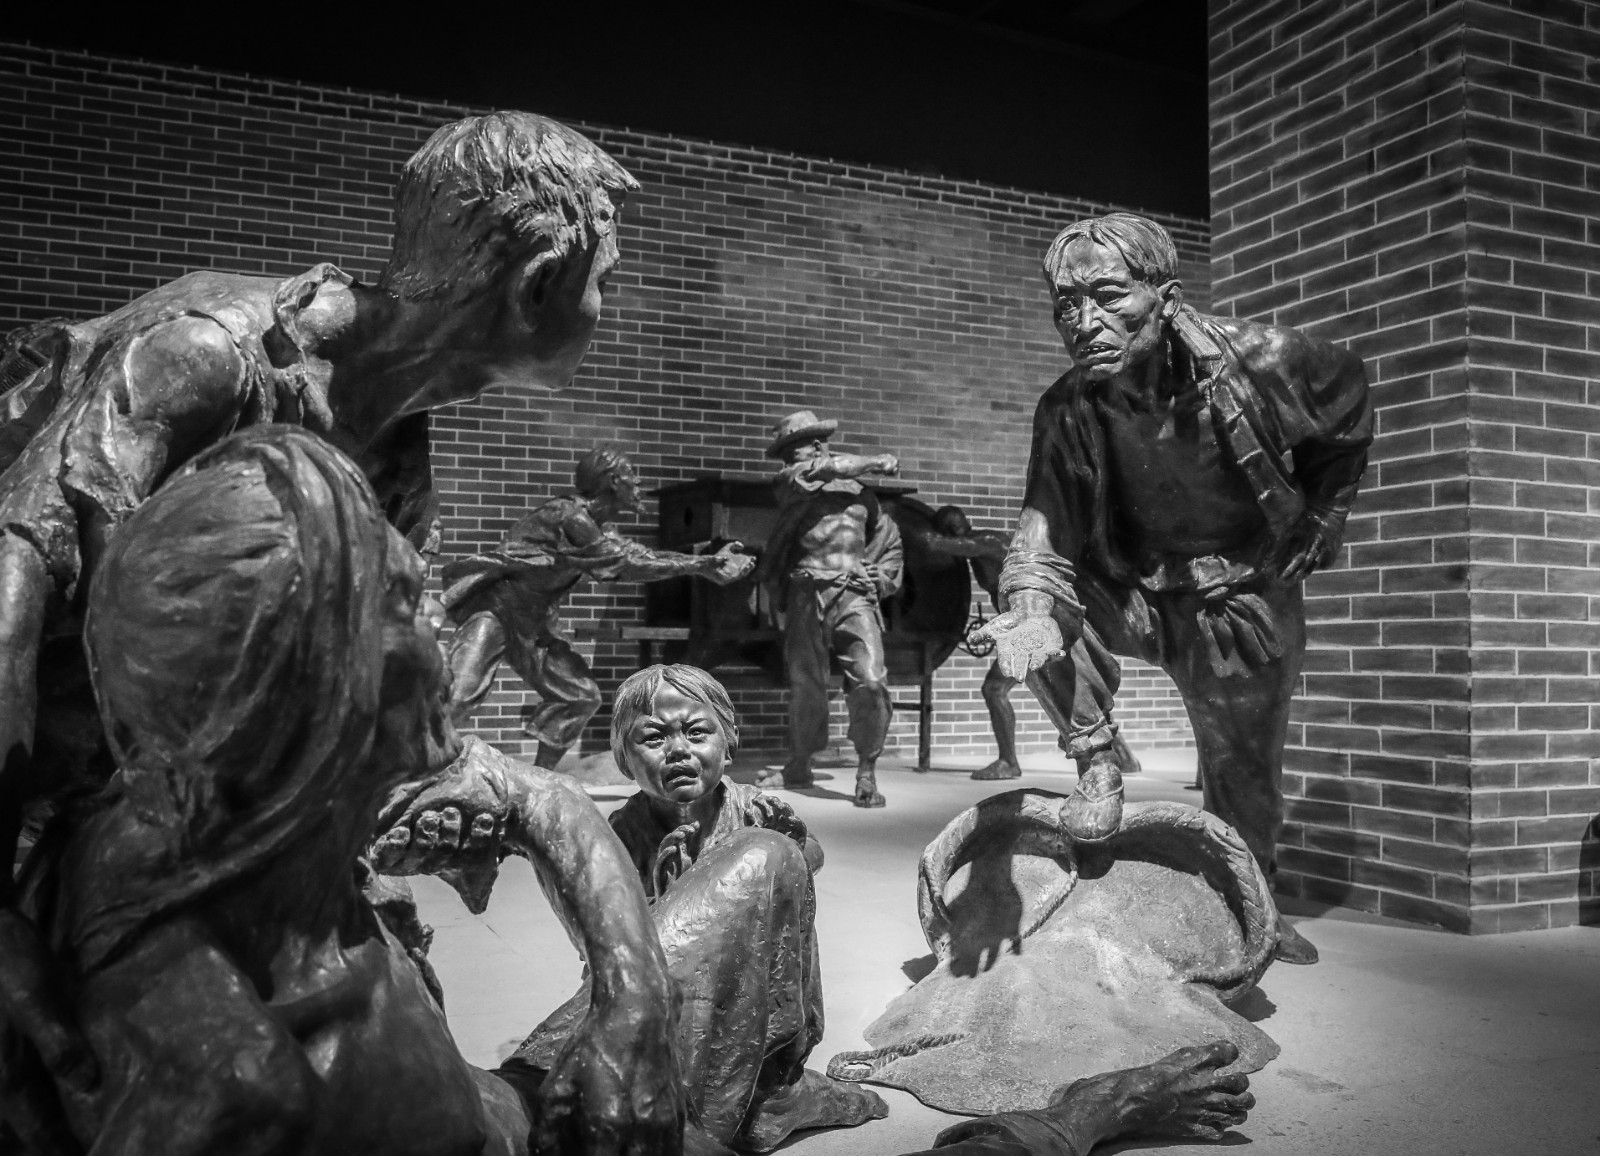 原创组图丨重庆罗中立美术馆展出《收租院》群雕铸铜作品